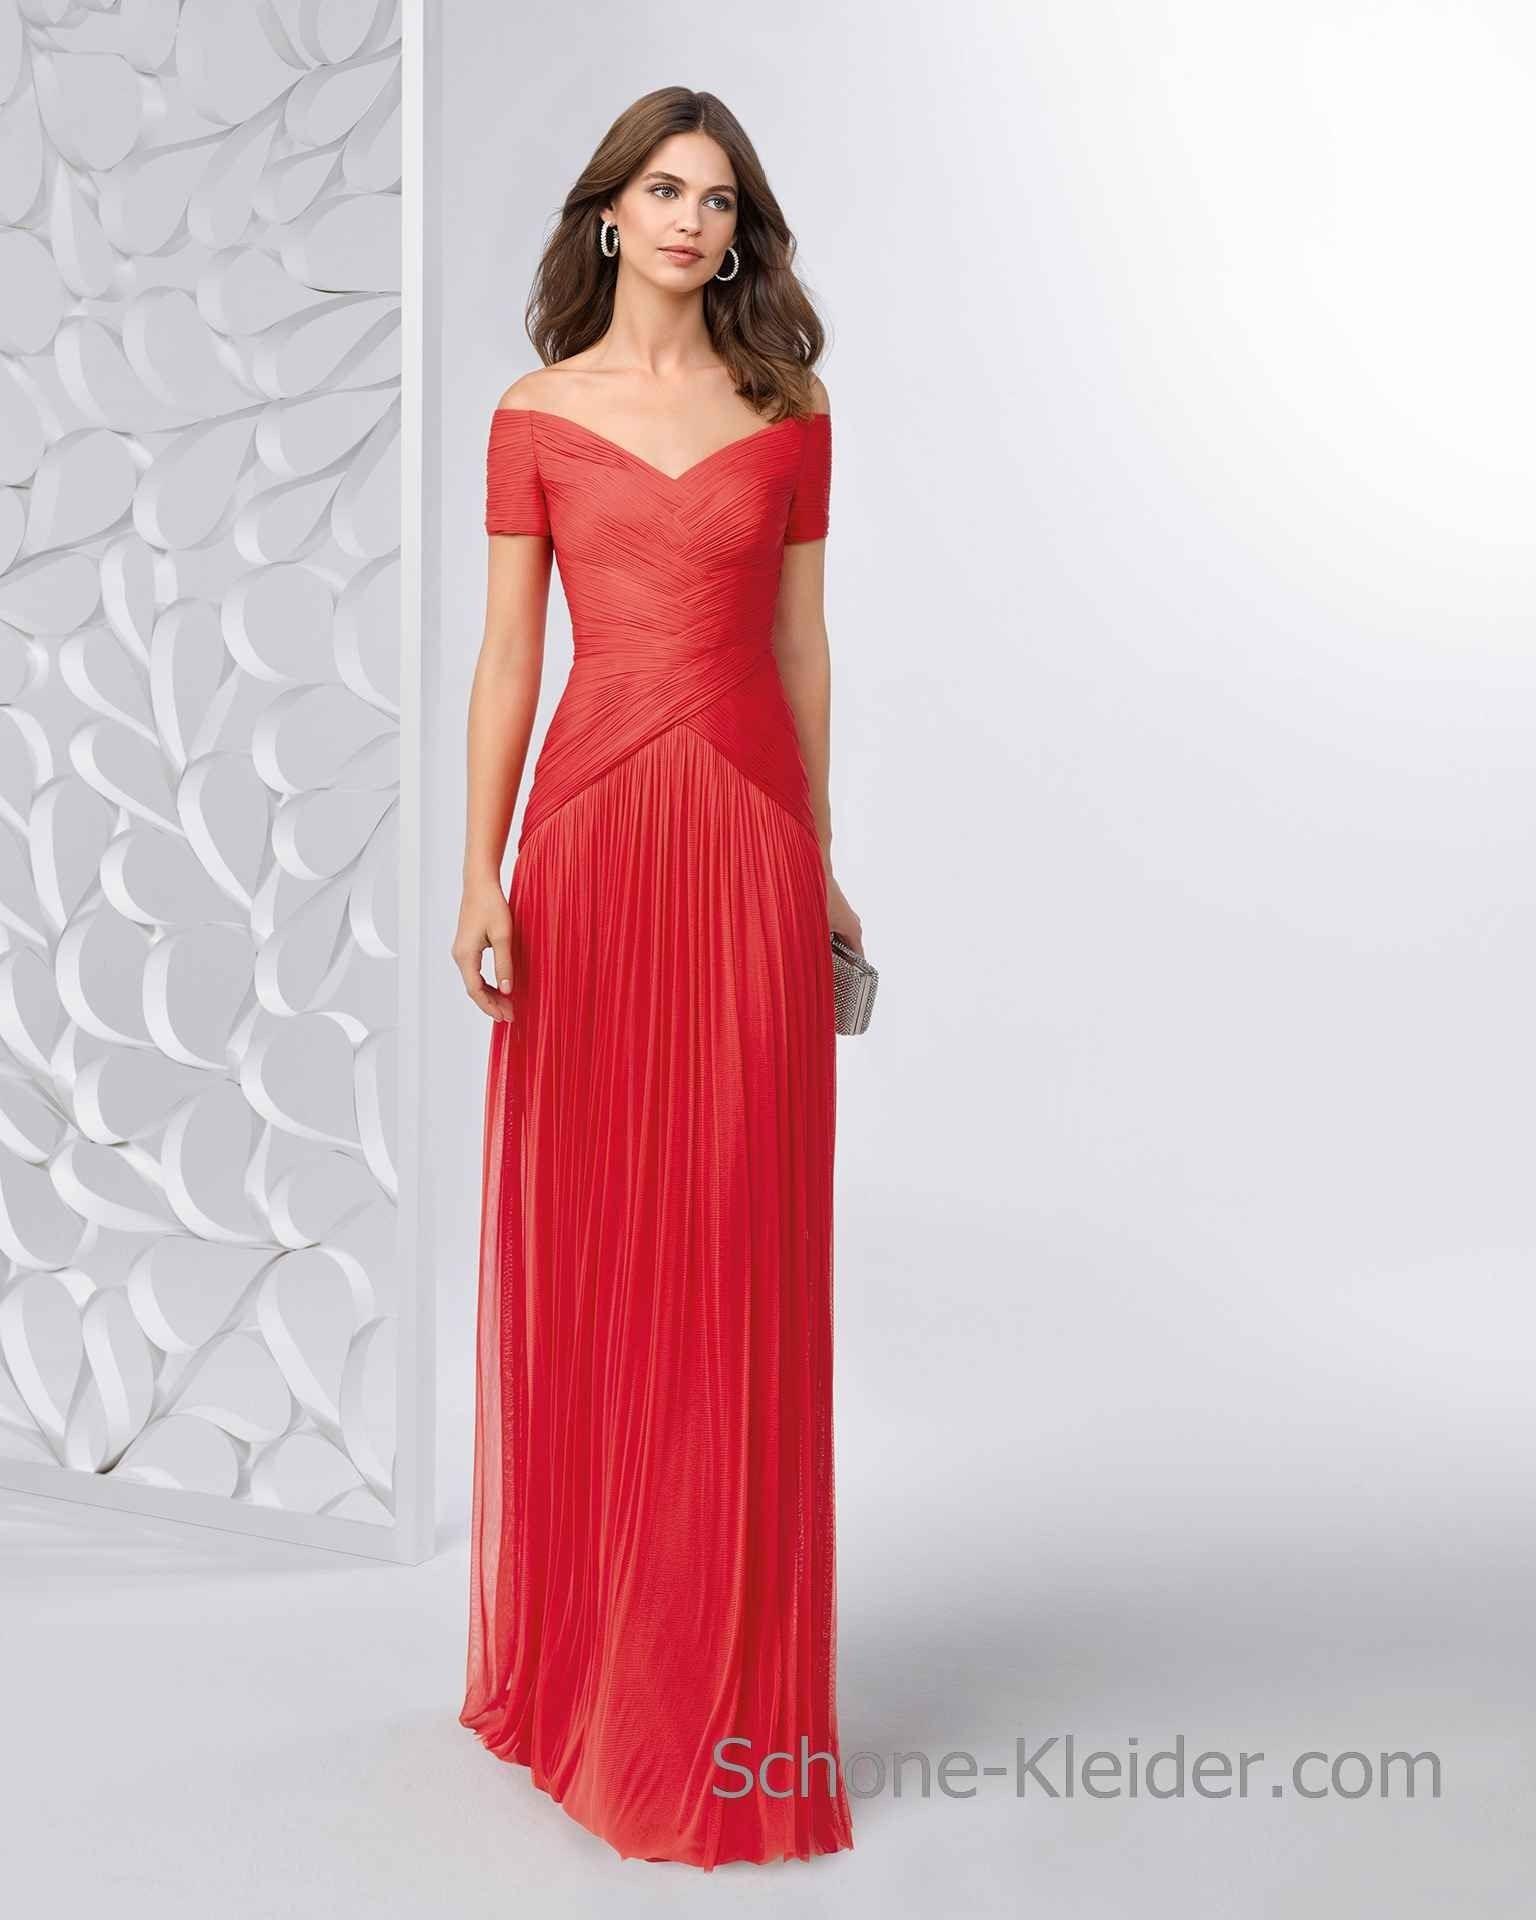 Formal Großartig Kleider Für Besonderen Anlass BoutiqueAbend Wunderbar Kleider Für Besonderen Anlass Spezialgebiet